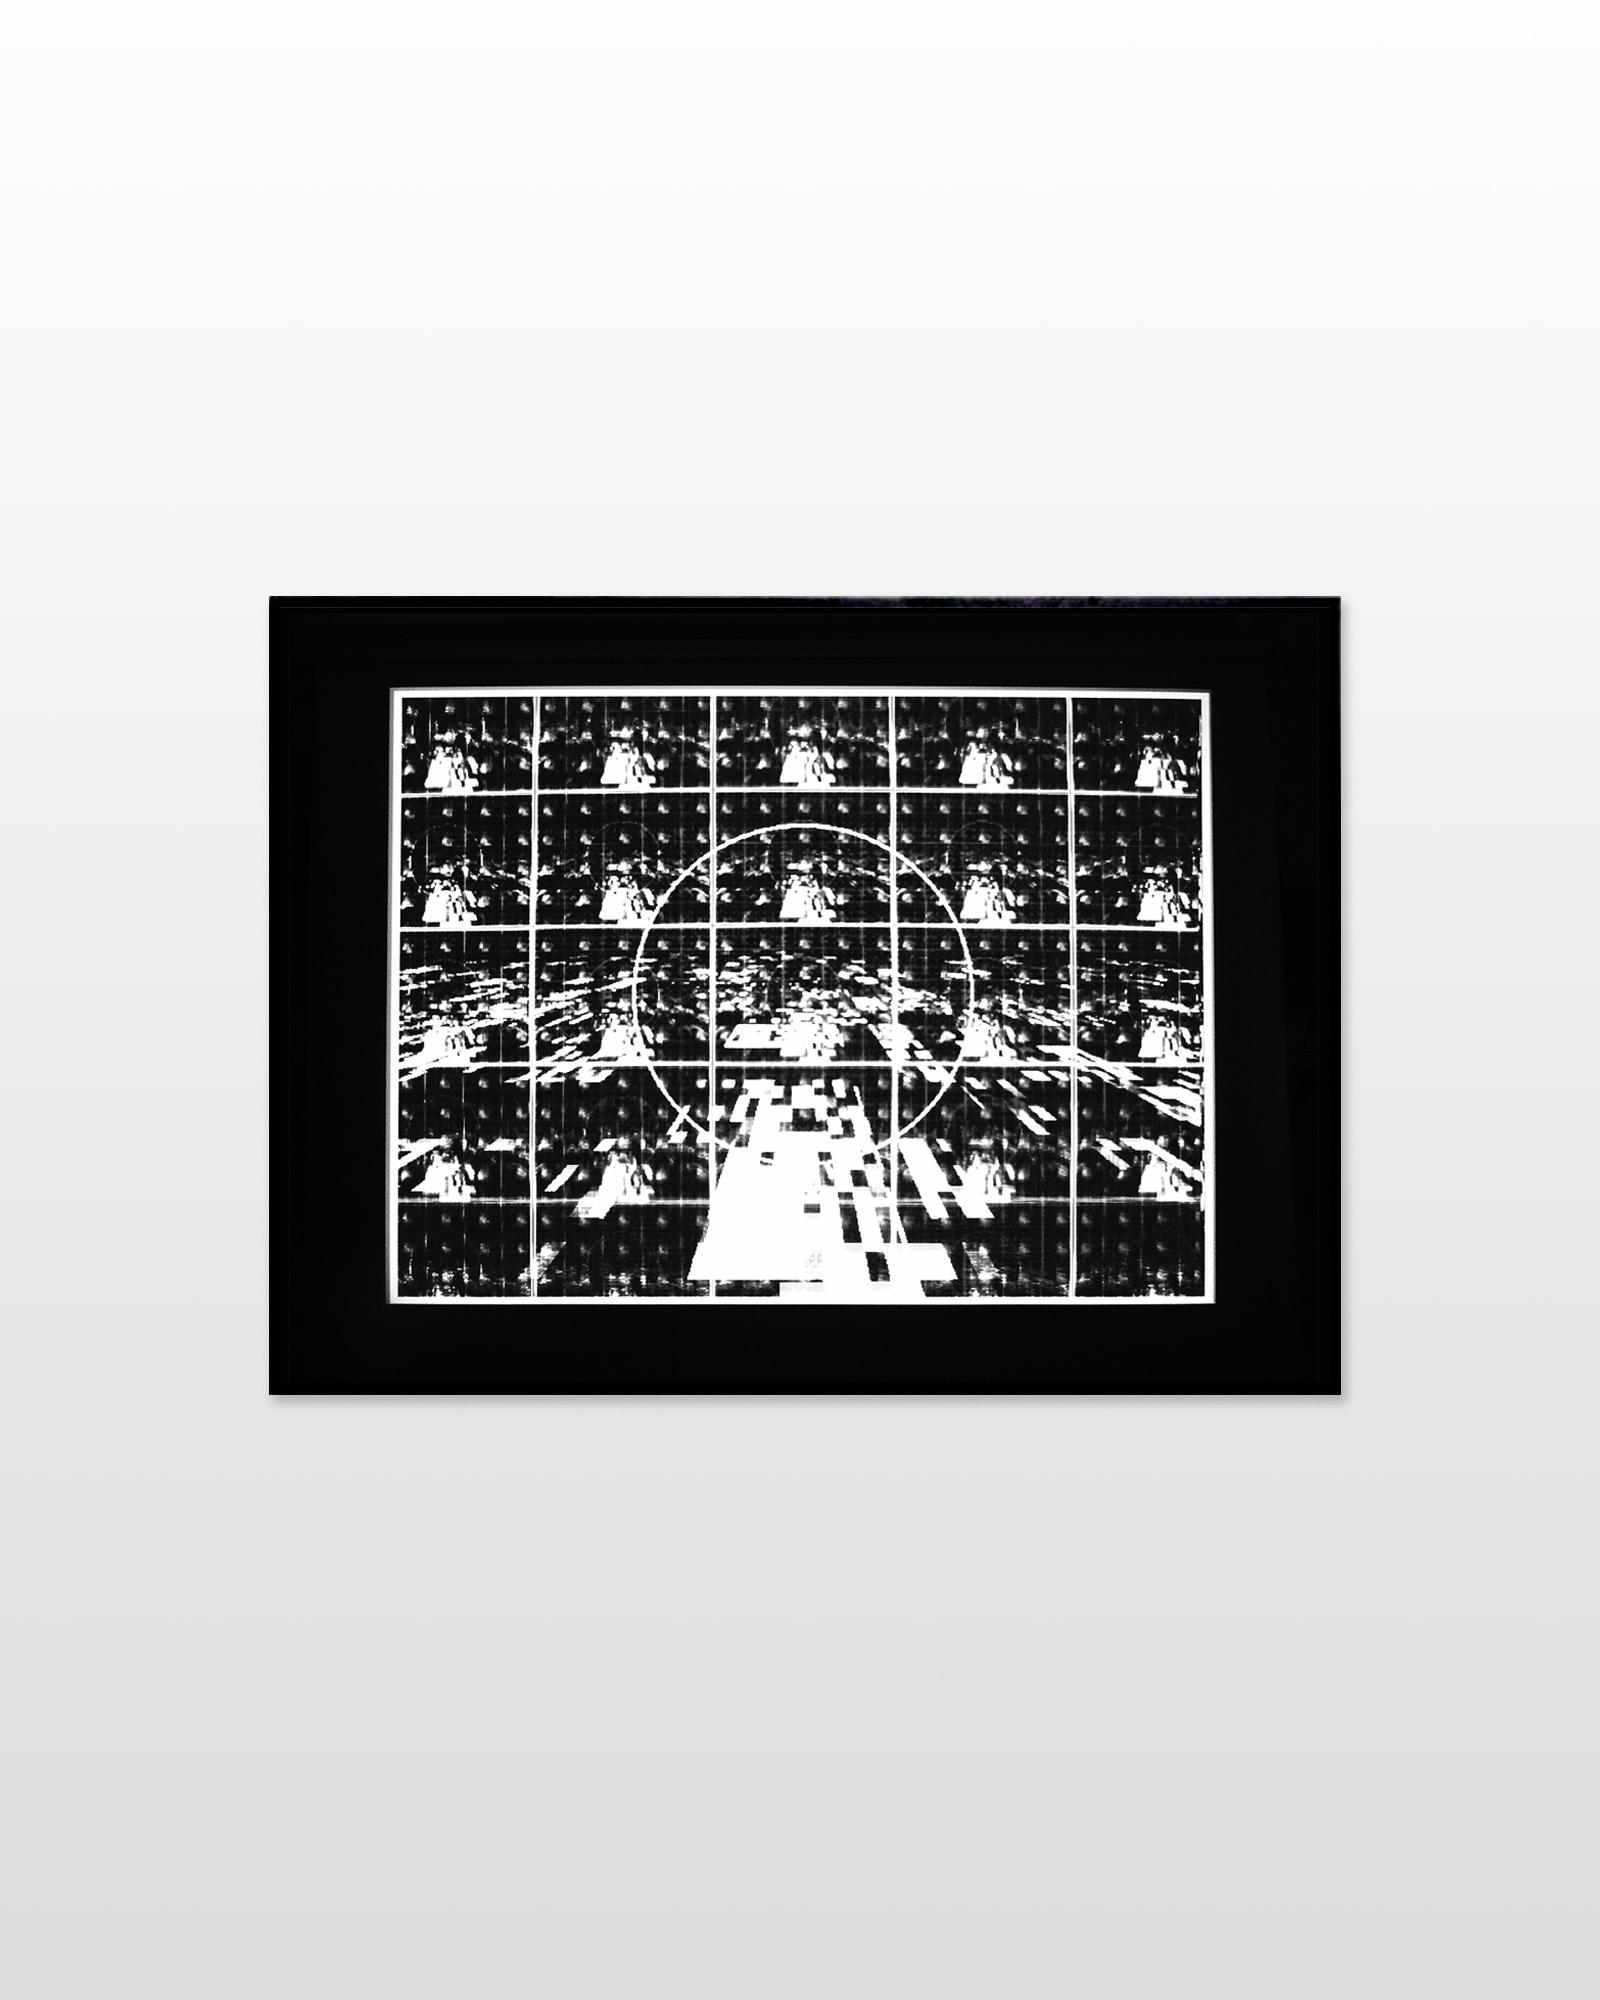 plakater-posters-kunsttryk, fotografier, giclee-tryk, new-media, abstrakte, geometriske, minimalistiske, monokrome, arkitektur, bevægelse, mønstre, videnskab, teknologi, sorte, grå, hvide, blæk, papir, abstrakte-former, arkitektoniske, sort-hvide, samtidskunst, terninger, dansk, design, interiør, bolig-indretning, moderne, moderne-kunst, nordisk, det-ydre-rum, plakater, rum, skandinavisk, Køb original kunst og kunstplakater. Malerier, tegninger, limited edition kunsttryk & plakater af dygtige kunstnere.